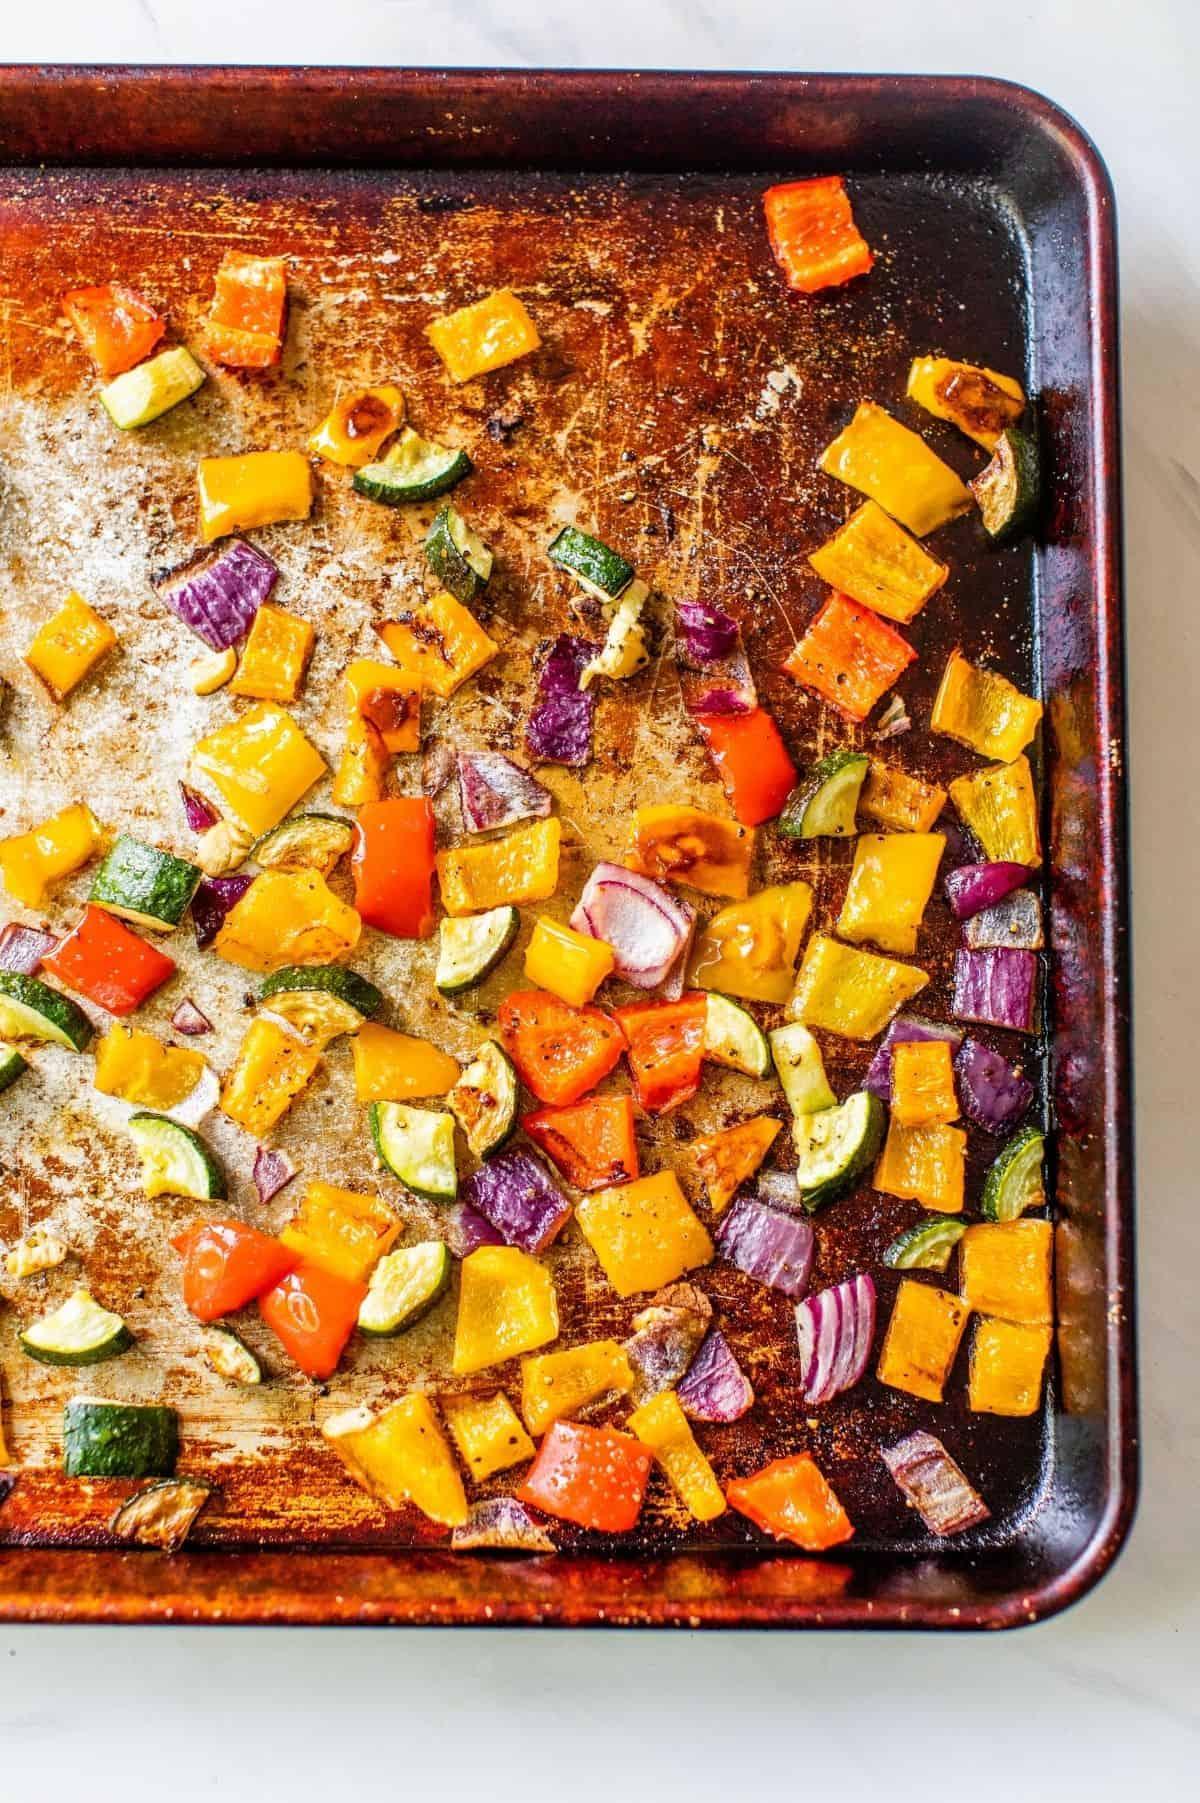 roasted veggies on a baking sheet pan